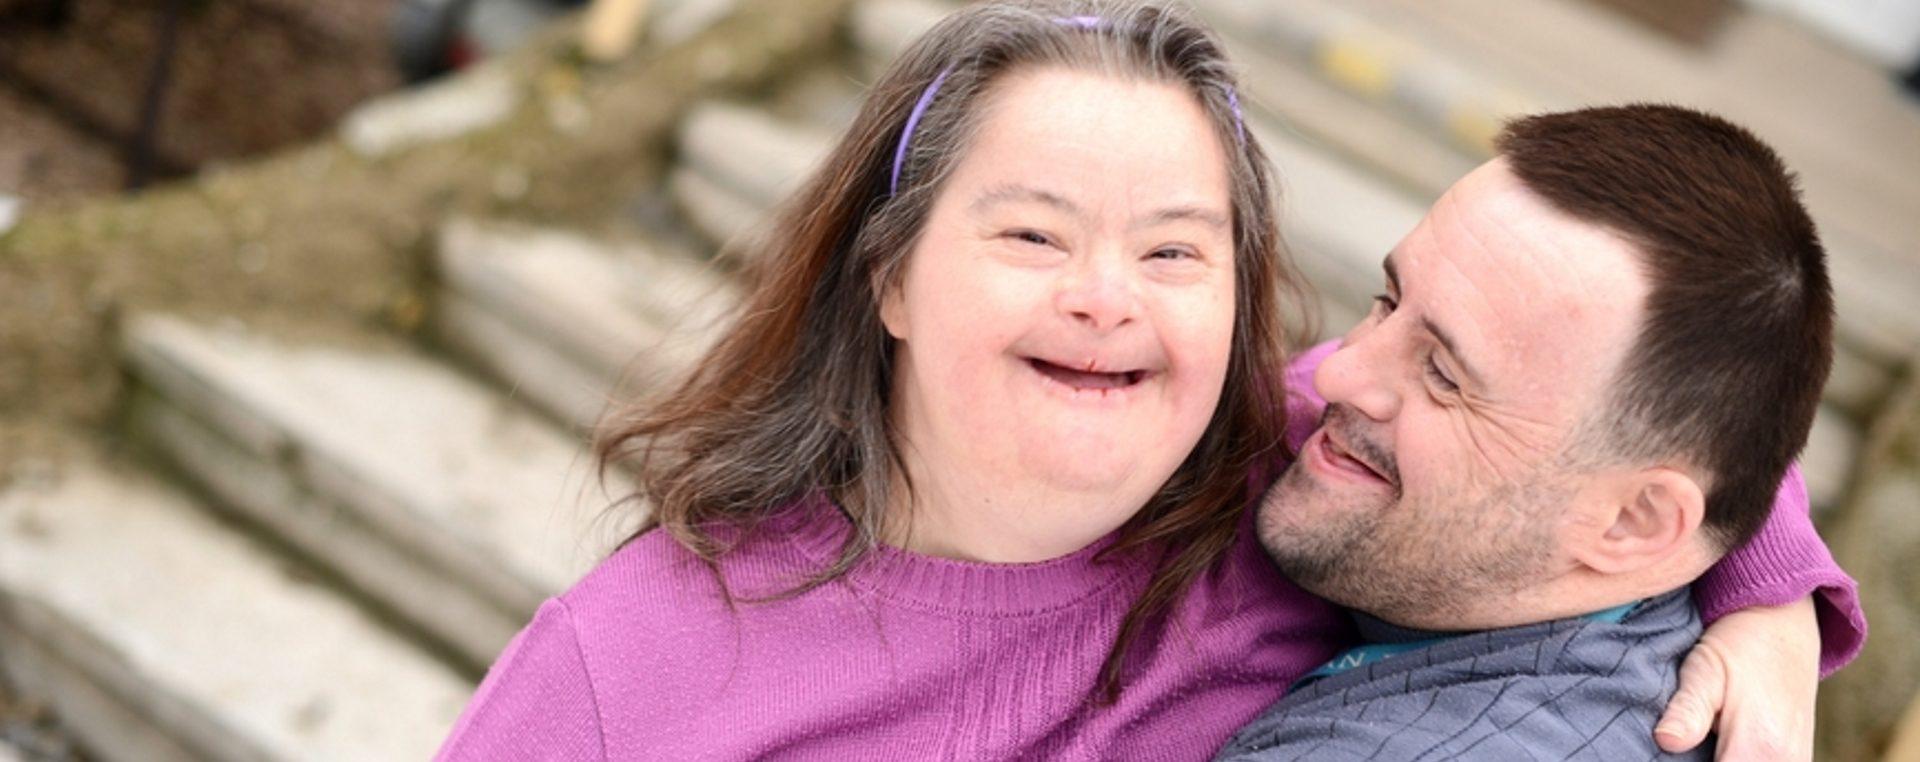 Menschen mit Behinderung sehen anders aus